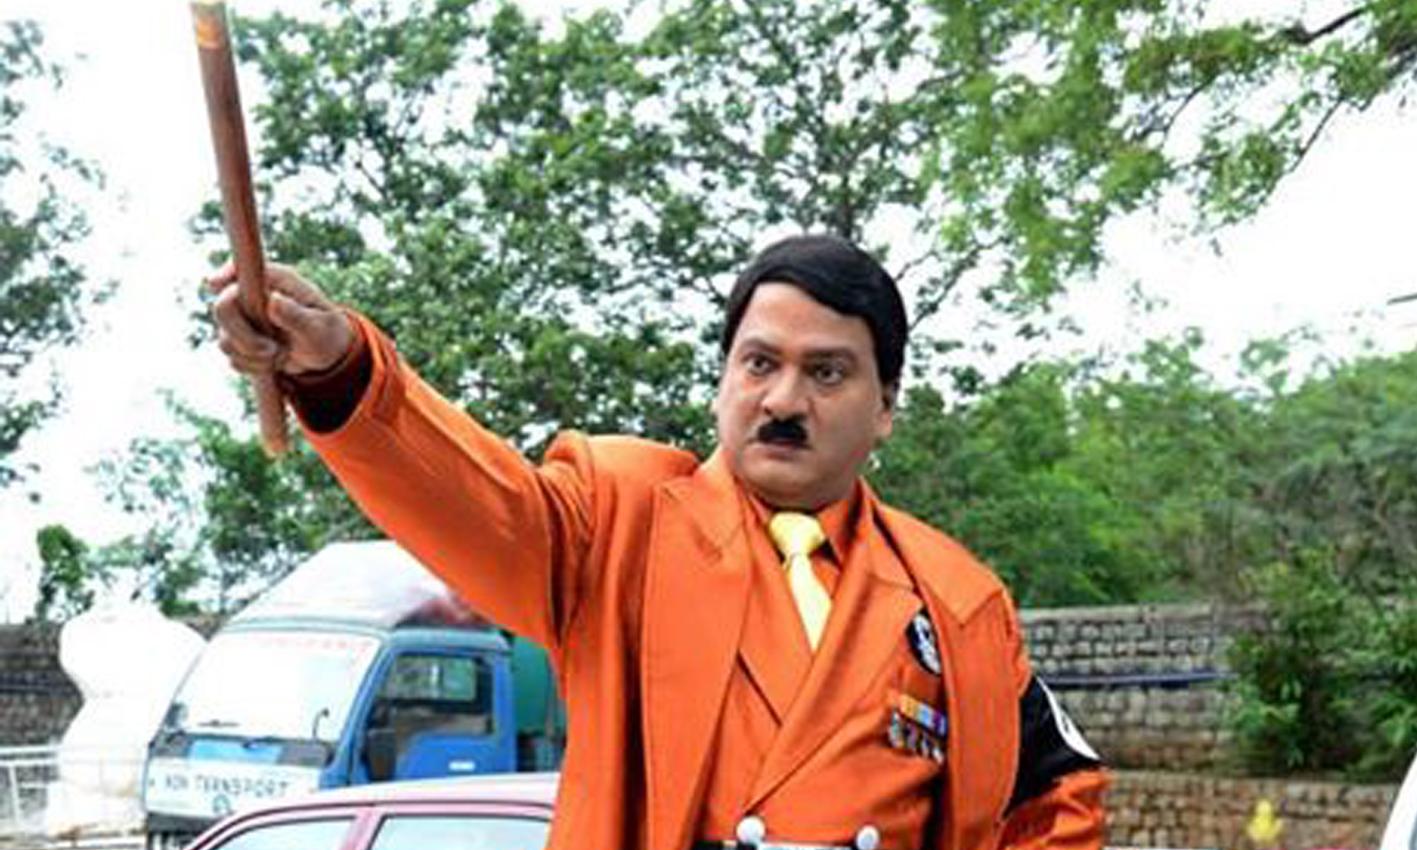 Rajendra Prasad as Hitler, rajendra prasad in hitler role, rajendra prasad hitler role in Top ranker movie, hitler role by rajendra prasad.